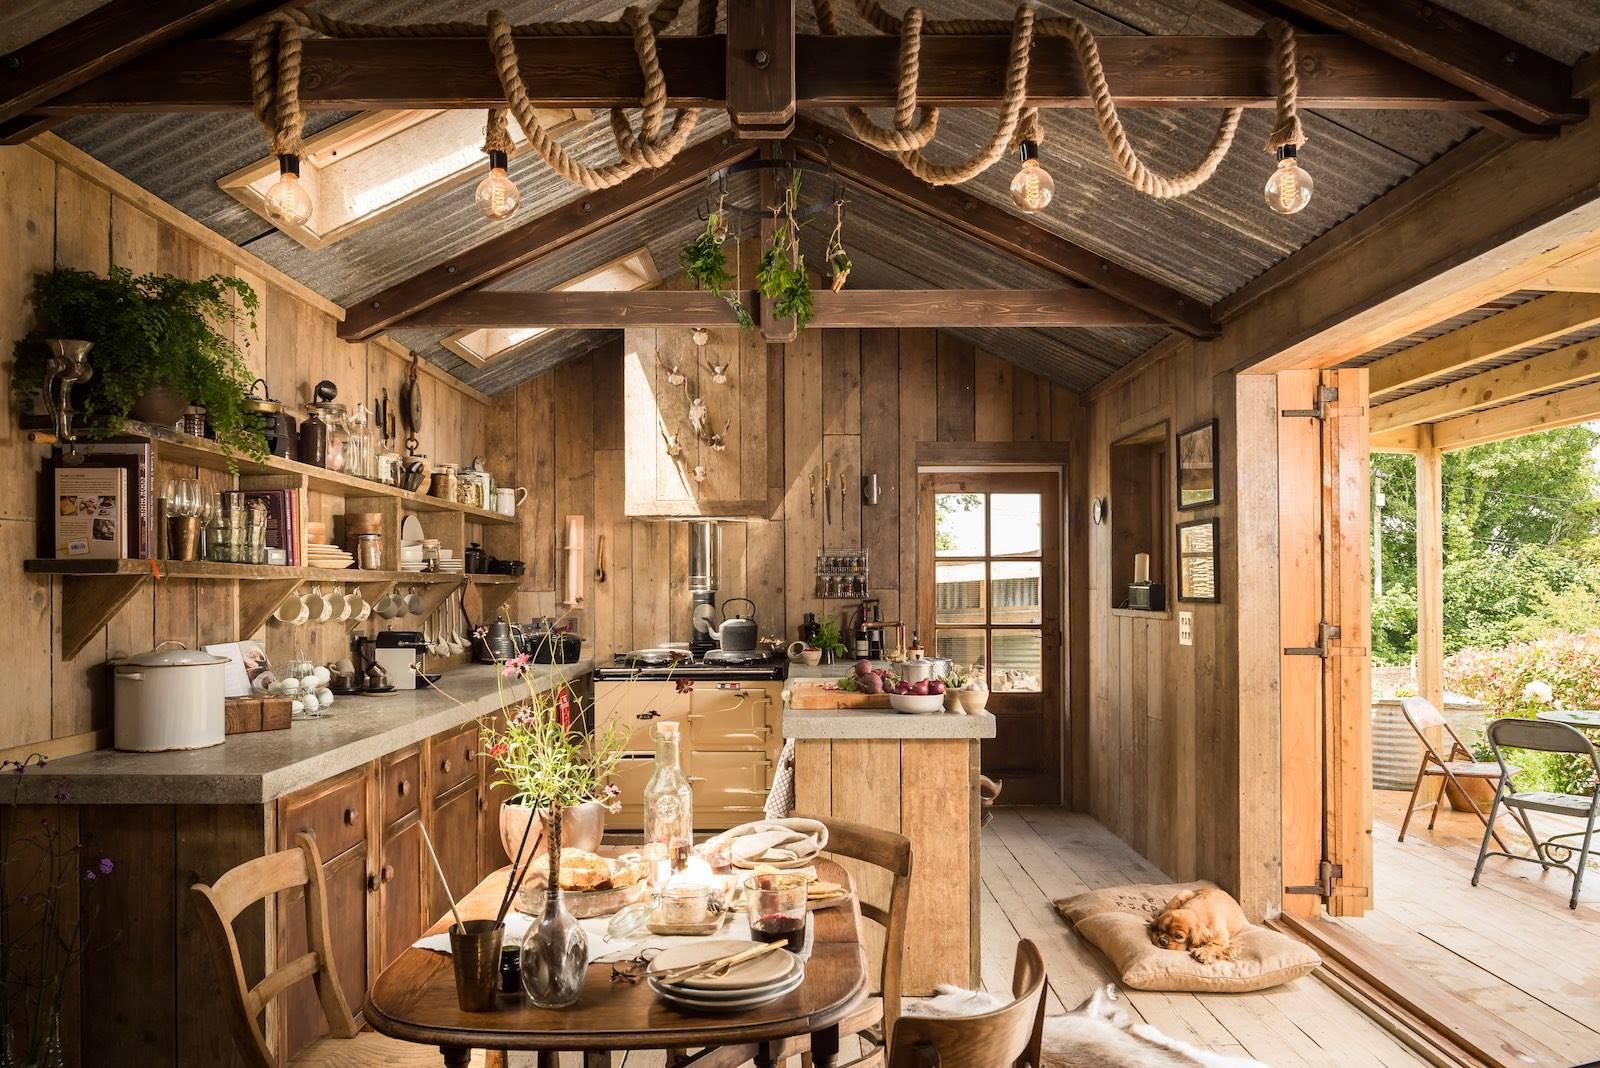 Život na farmě :-) - Obrázek č. 44